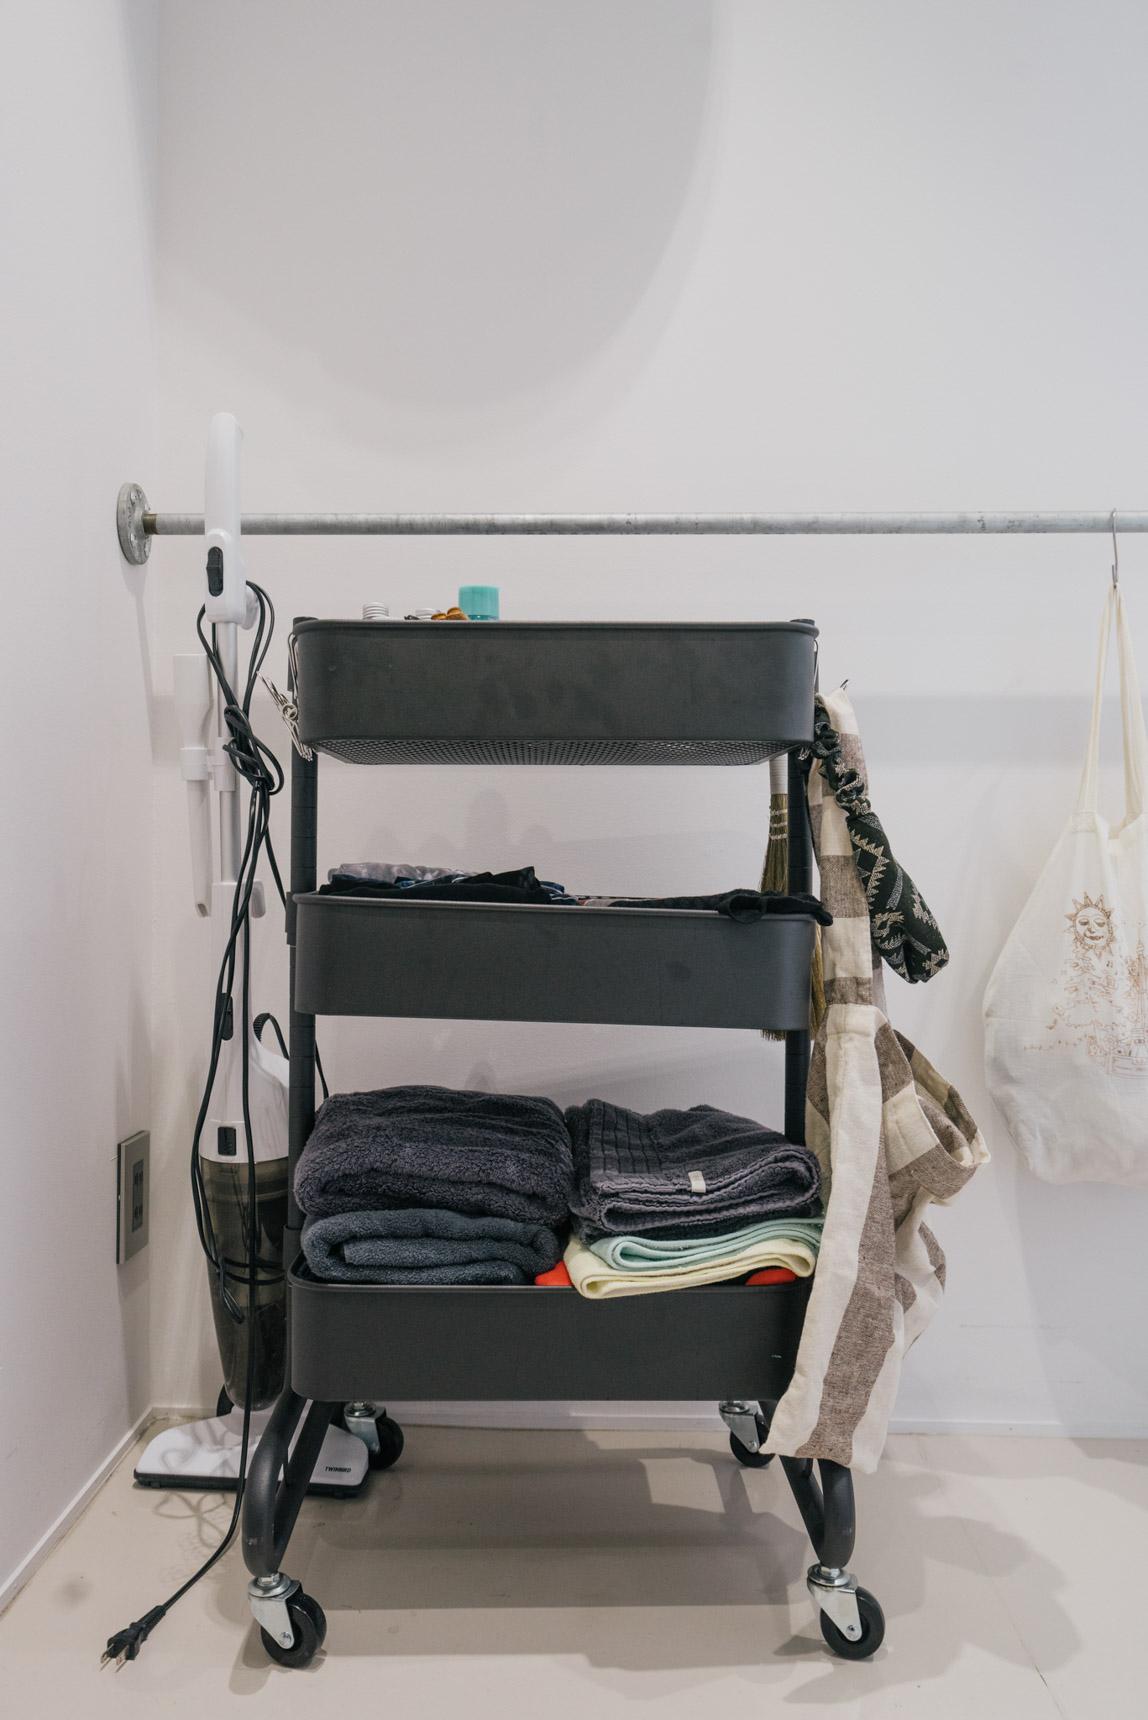 タオルをしまう場所がないとき活用したいのが、山善のキャスターワゴン。細々としたものをすっきりしまえます。(このお部屋はこちら)